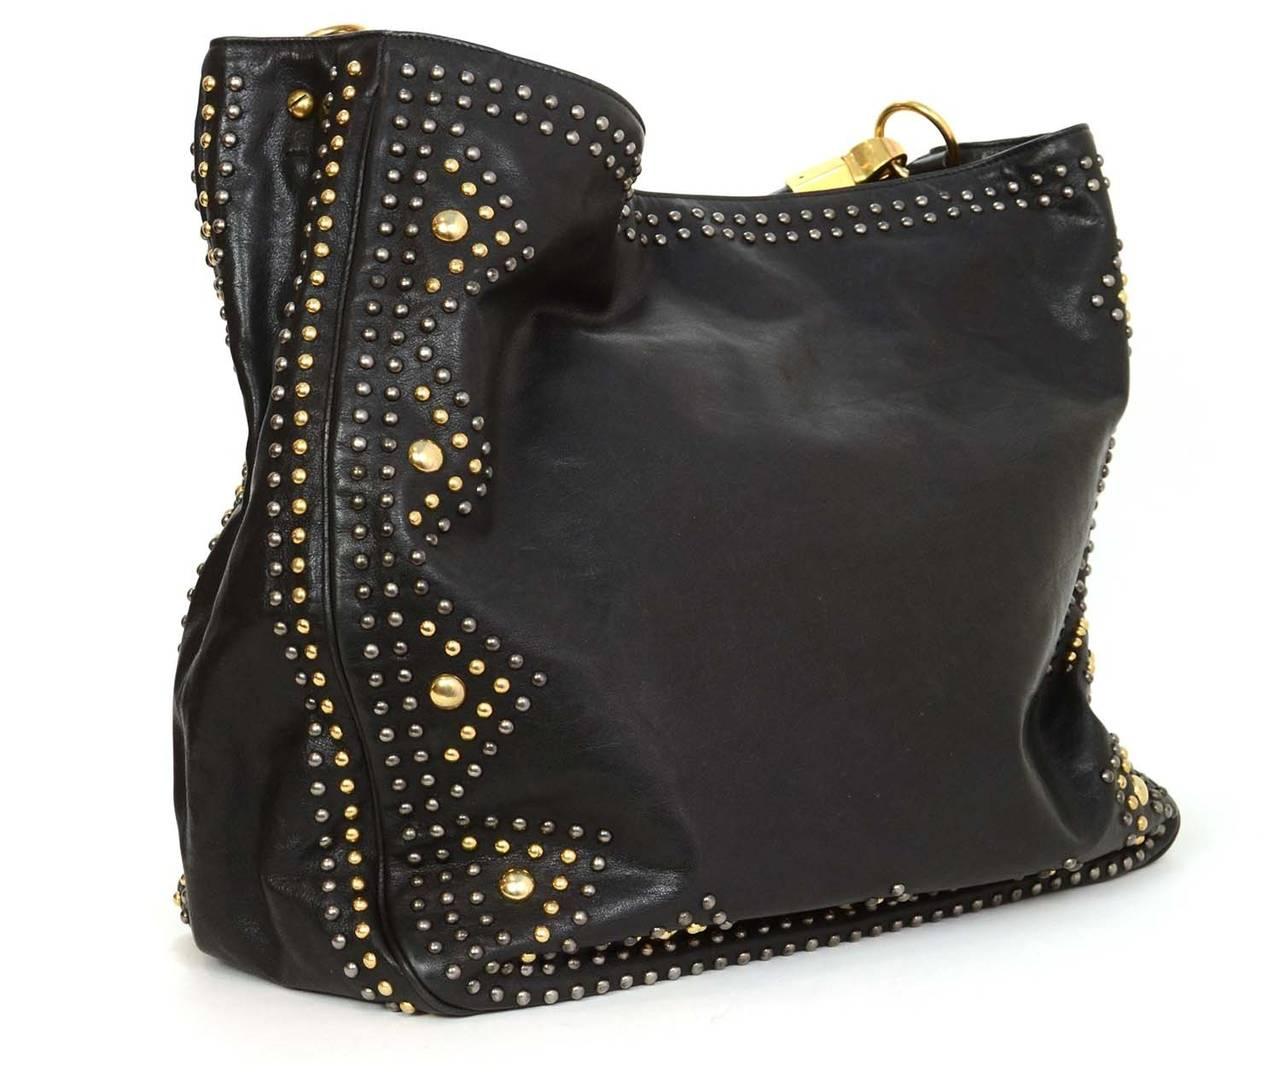 ysl large black hobo leather bag